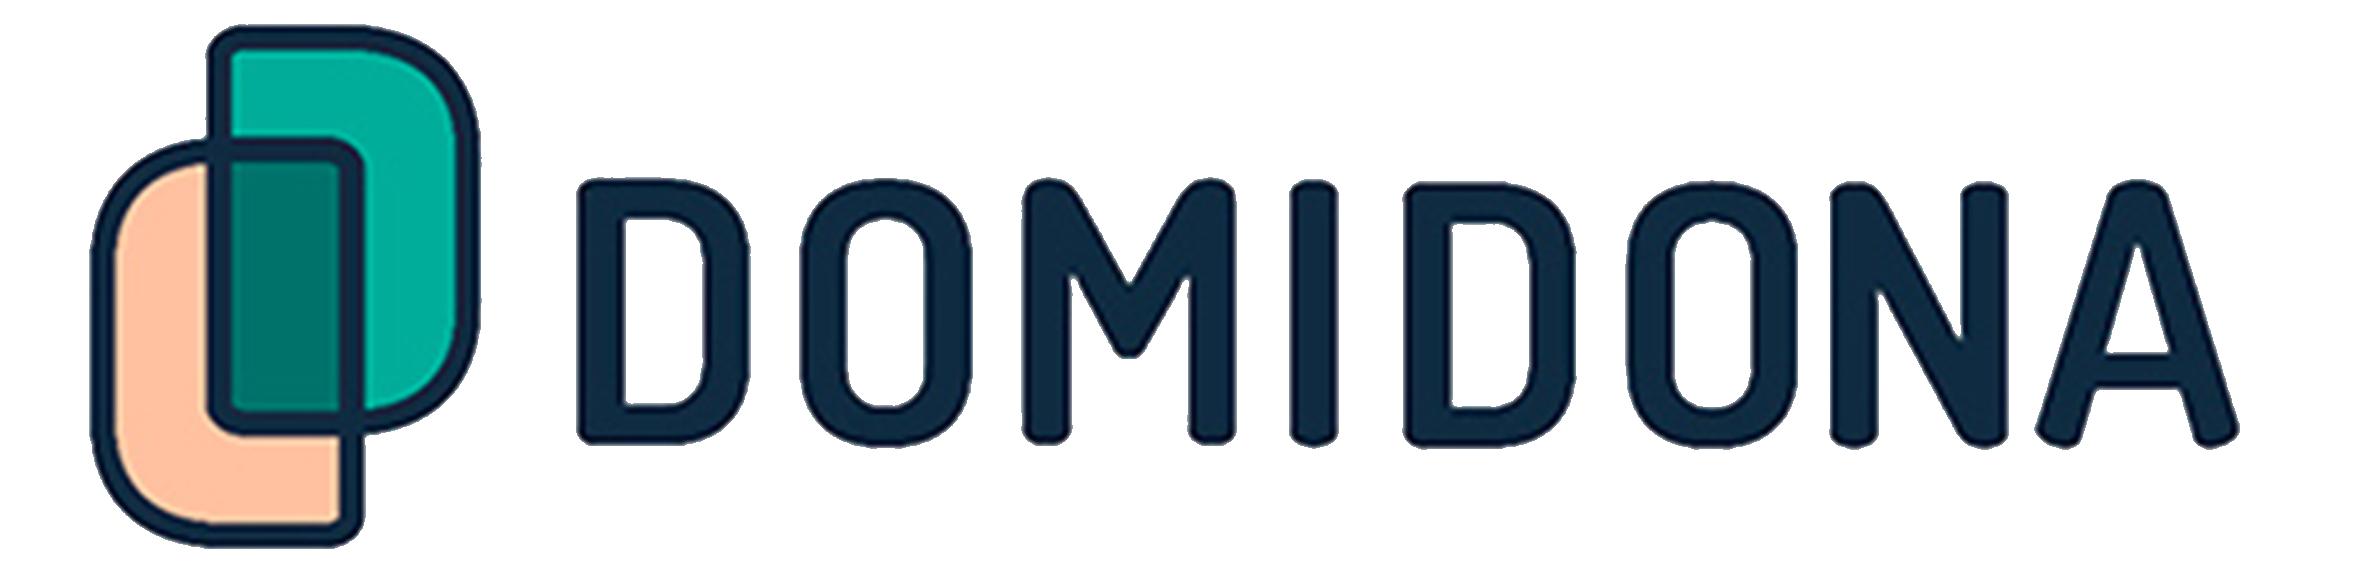 Domidona